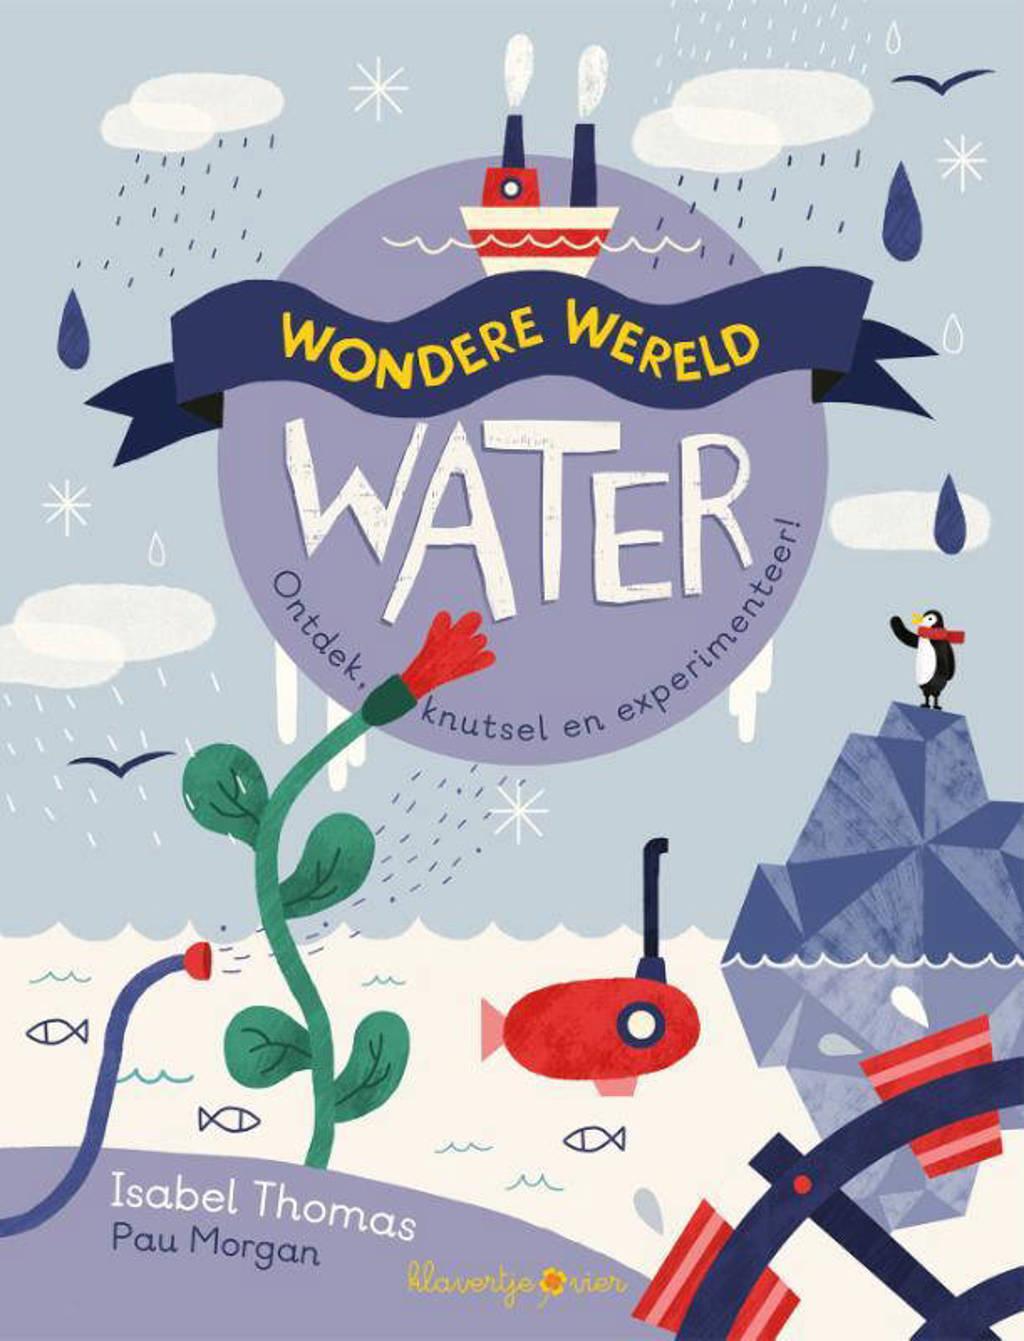 Wondere wereld: Water - Isabel Thomas en Pau Morgan